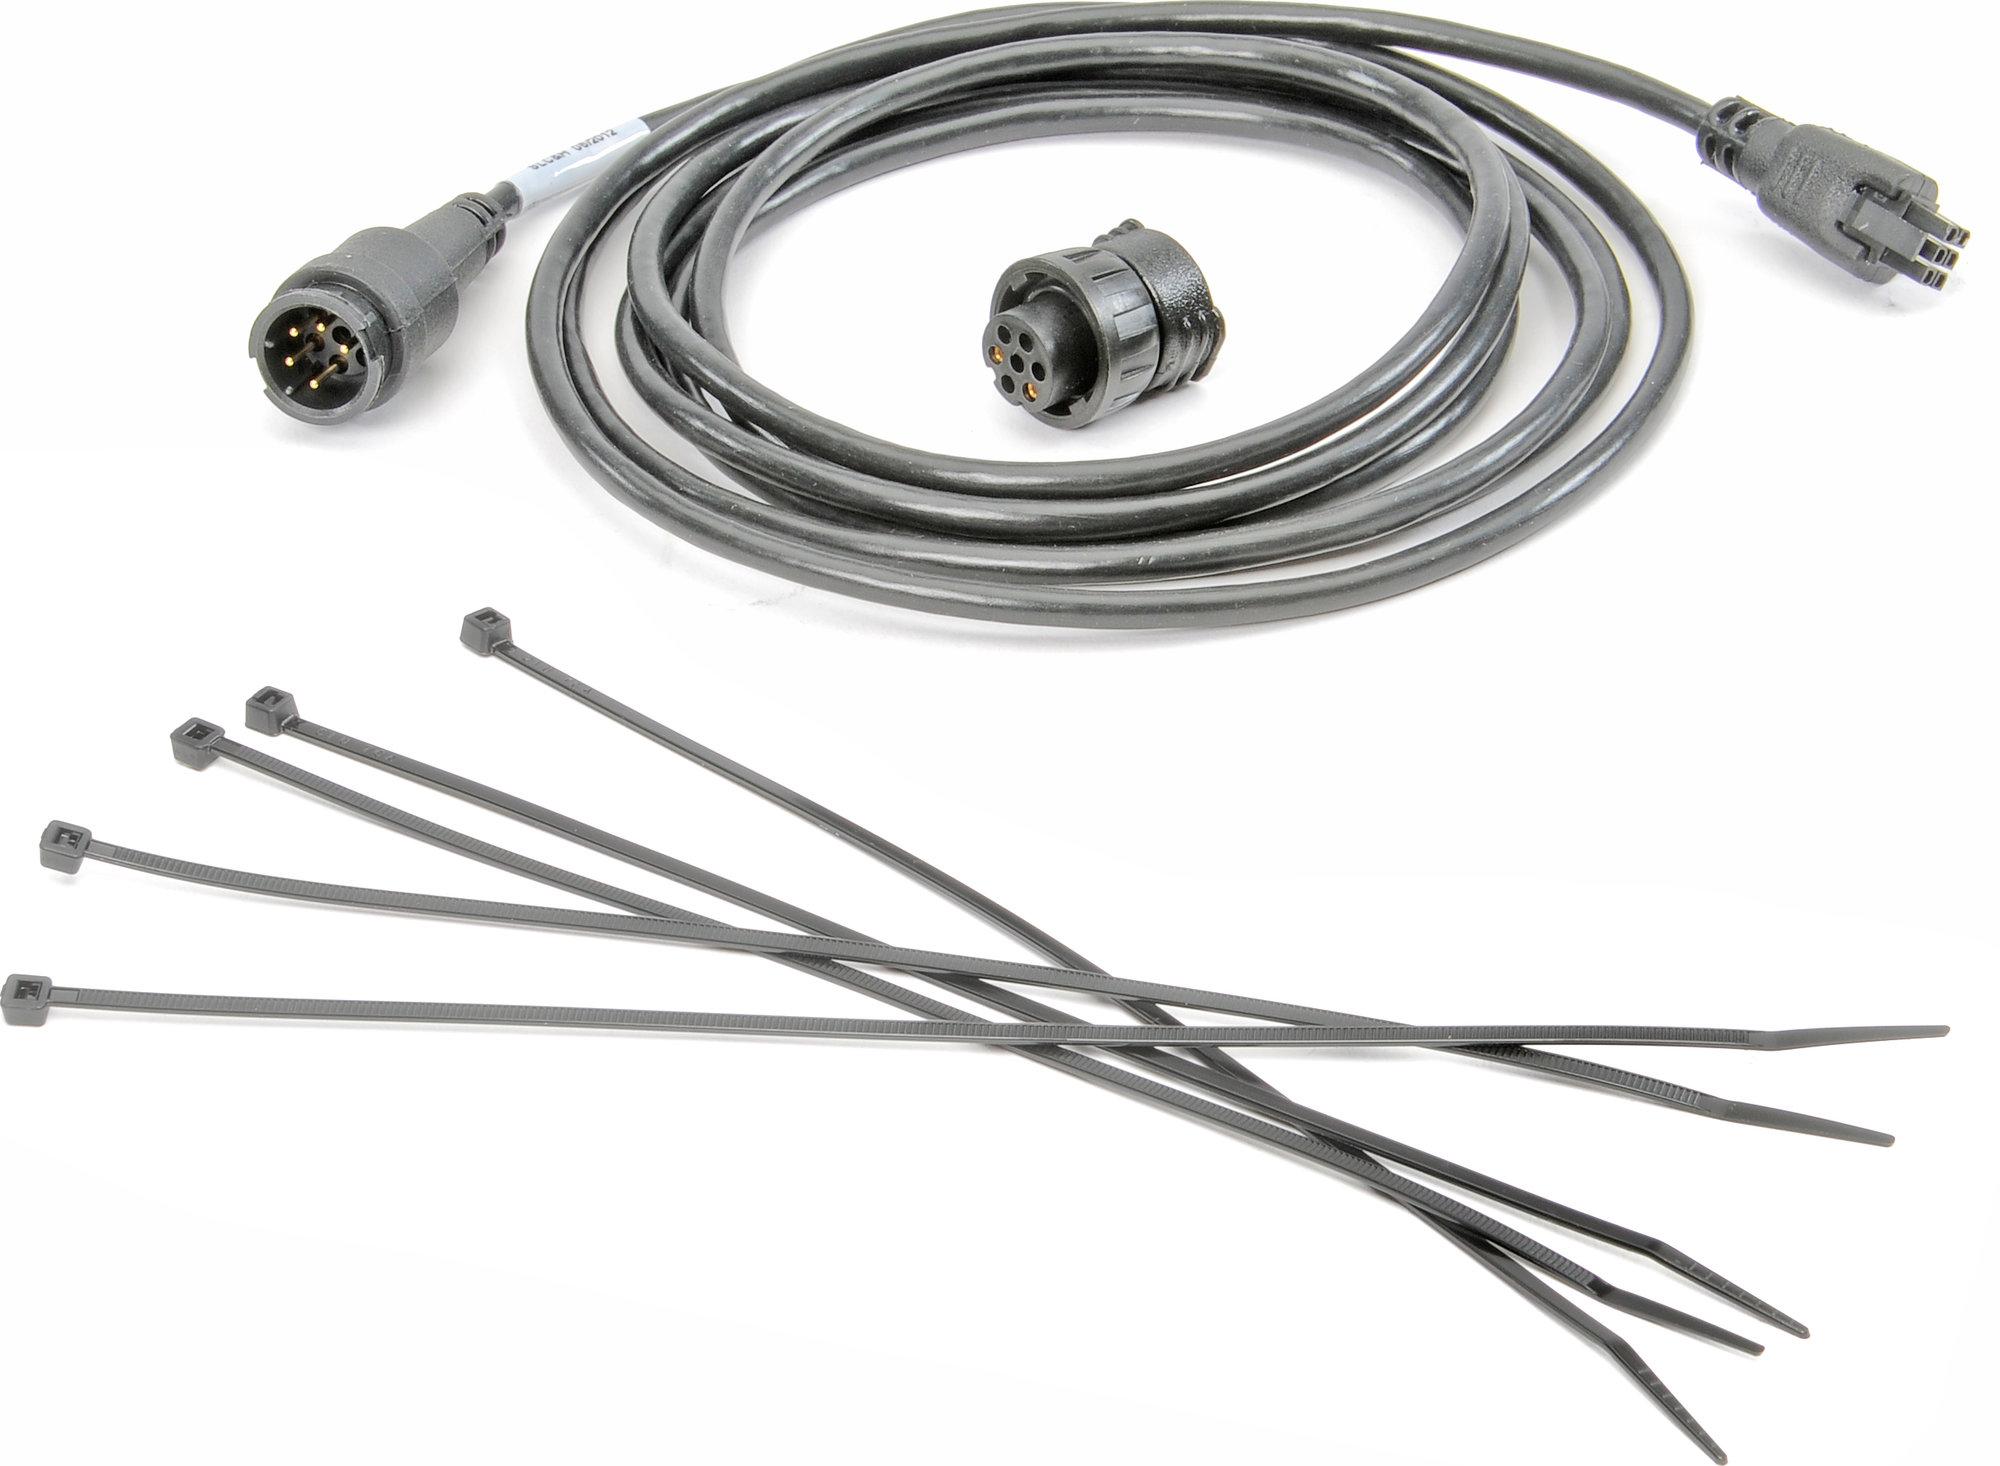 Superchips 98602 EAS Starter Kit Cable for TrailDash